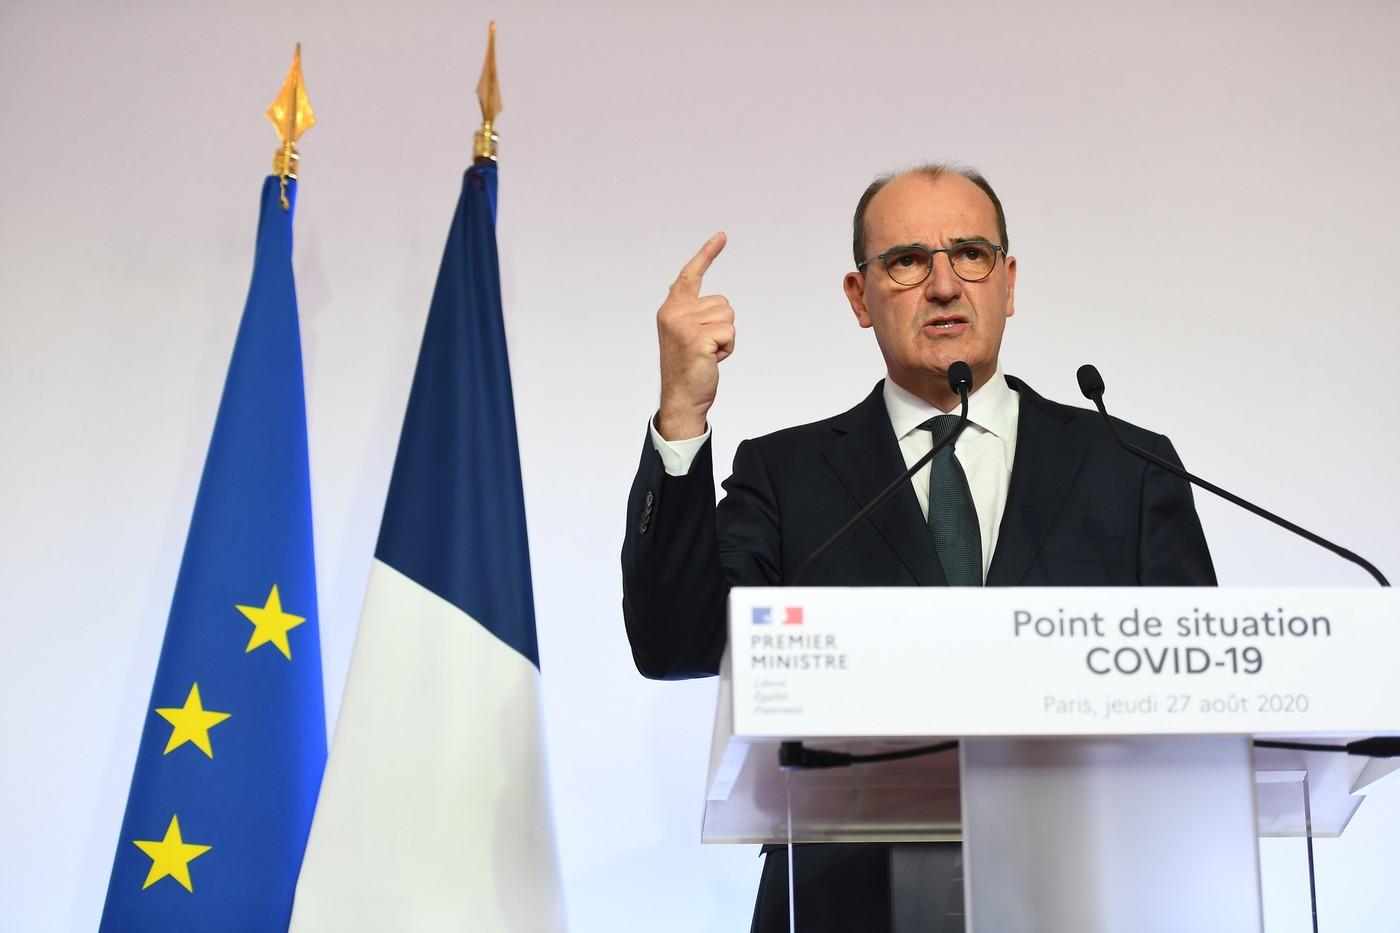 Covid-19: la France ferme ses frontières aux pays extérieurs à l'UE